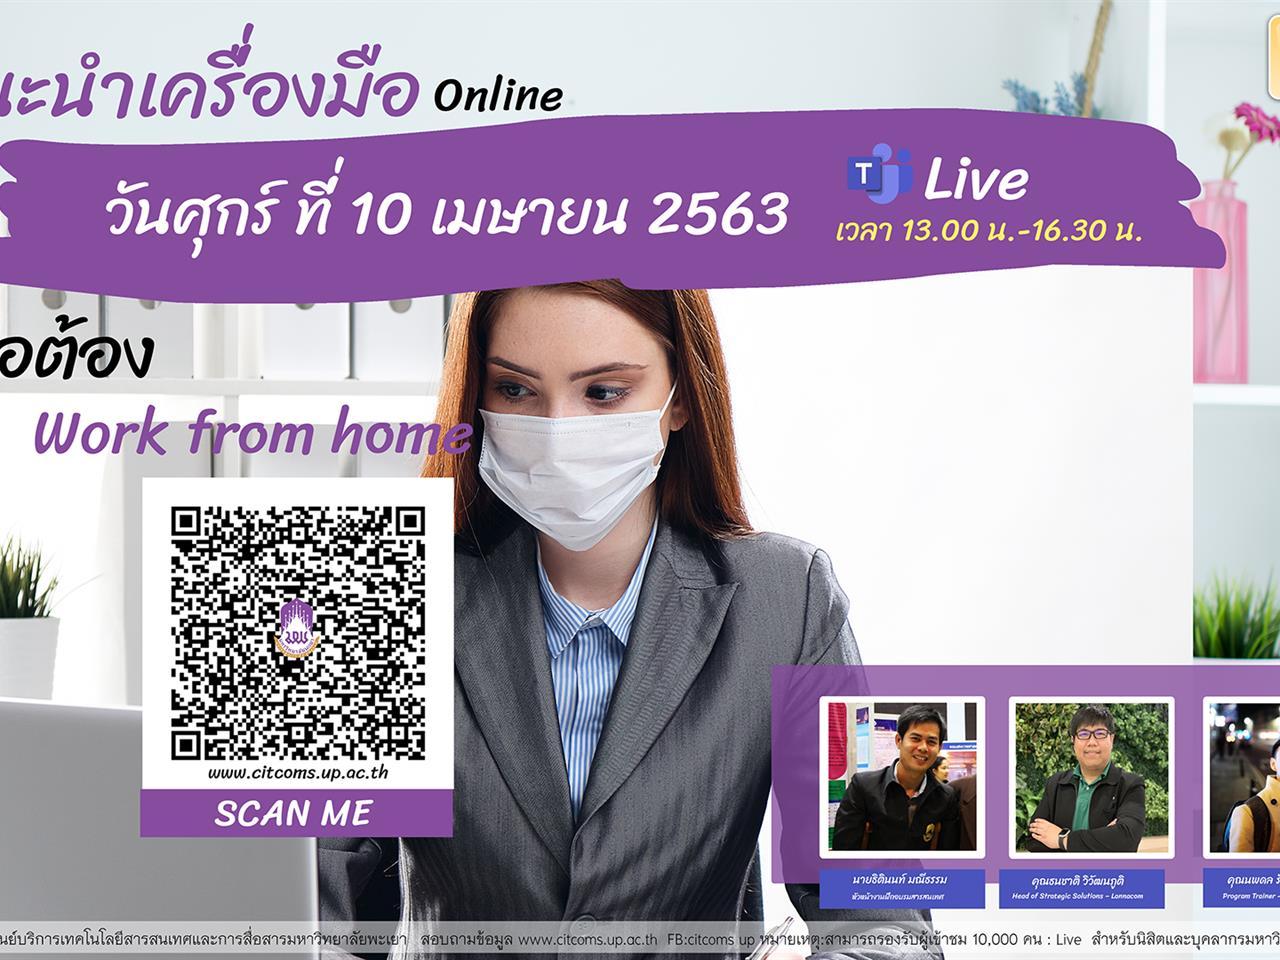 """ศูนย์บริการเทคโนโลยีสารสนเทศและการสื่อสารมหาวิทยาลัยพะเยา ขอเชิญบุคลกรและนิสิต เข้าร่วม Live Online ผ่าน Microsoft Teams เรื่อง """"แนวทางการใช้ซอฟต์แวร์สำหรับทำงานจากทางบ้าน (Work from home)"""" วันศุกร์ที่ 10 เมษายน 2563 เวลา 13.00 น.-16.30 น."""